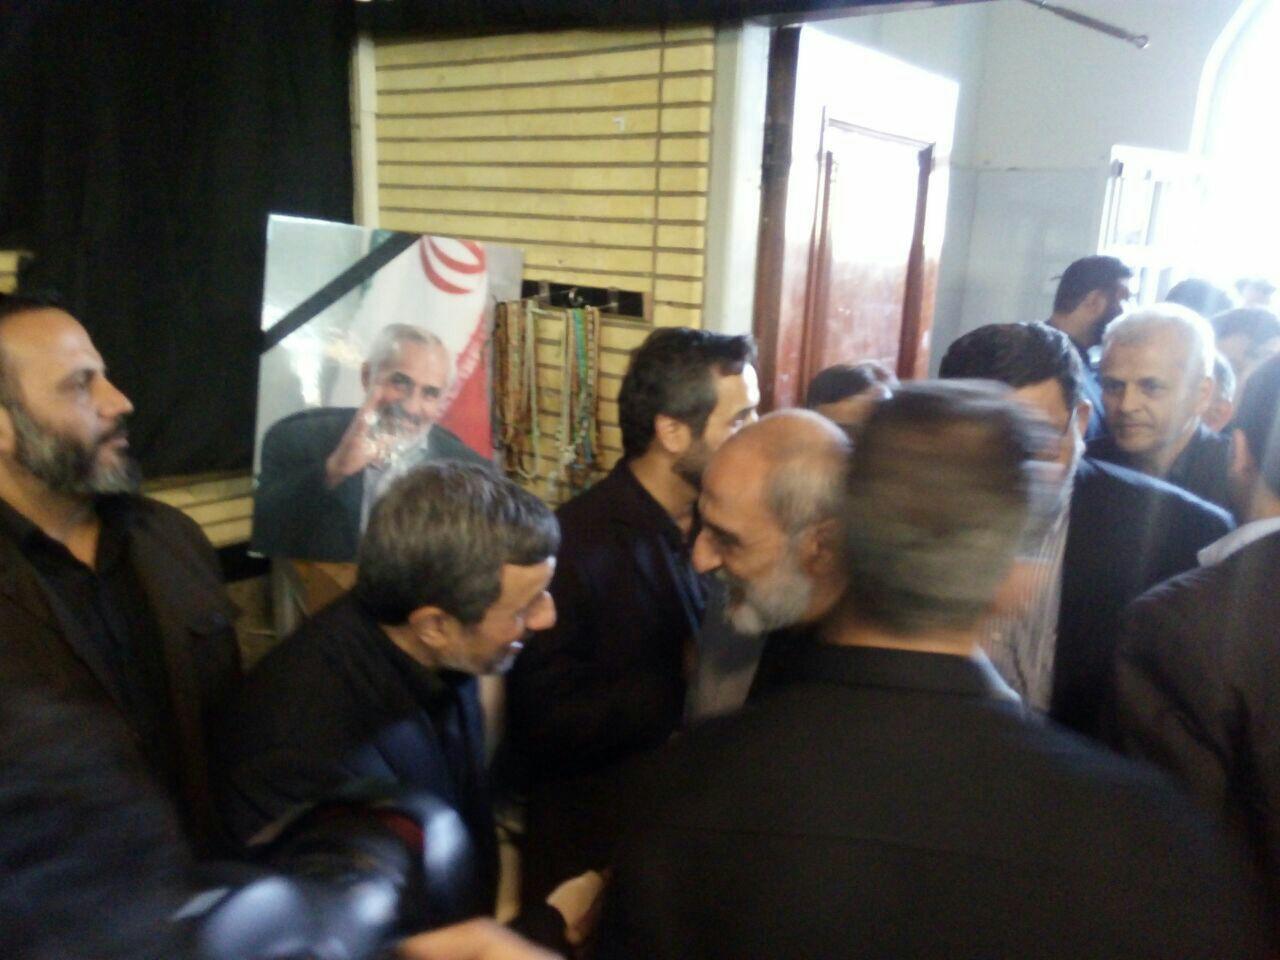 داود احمدینژاد,محمود احمدی نژاد